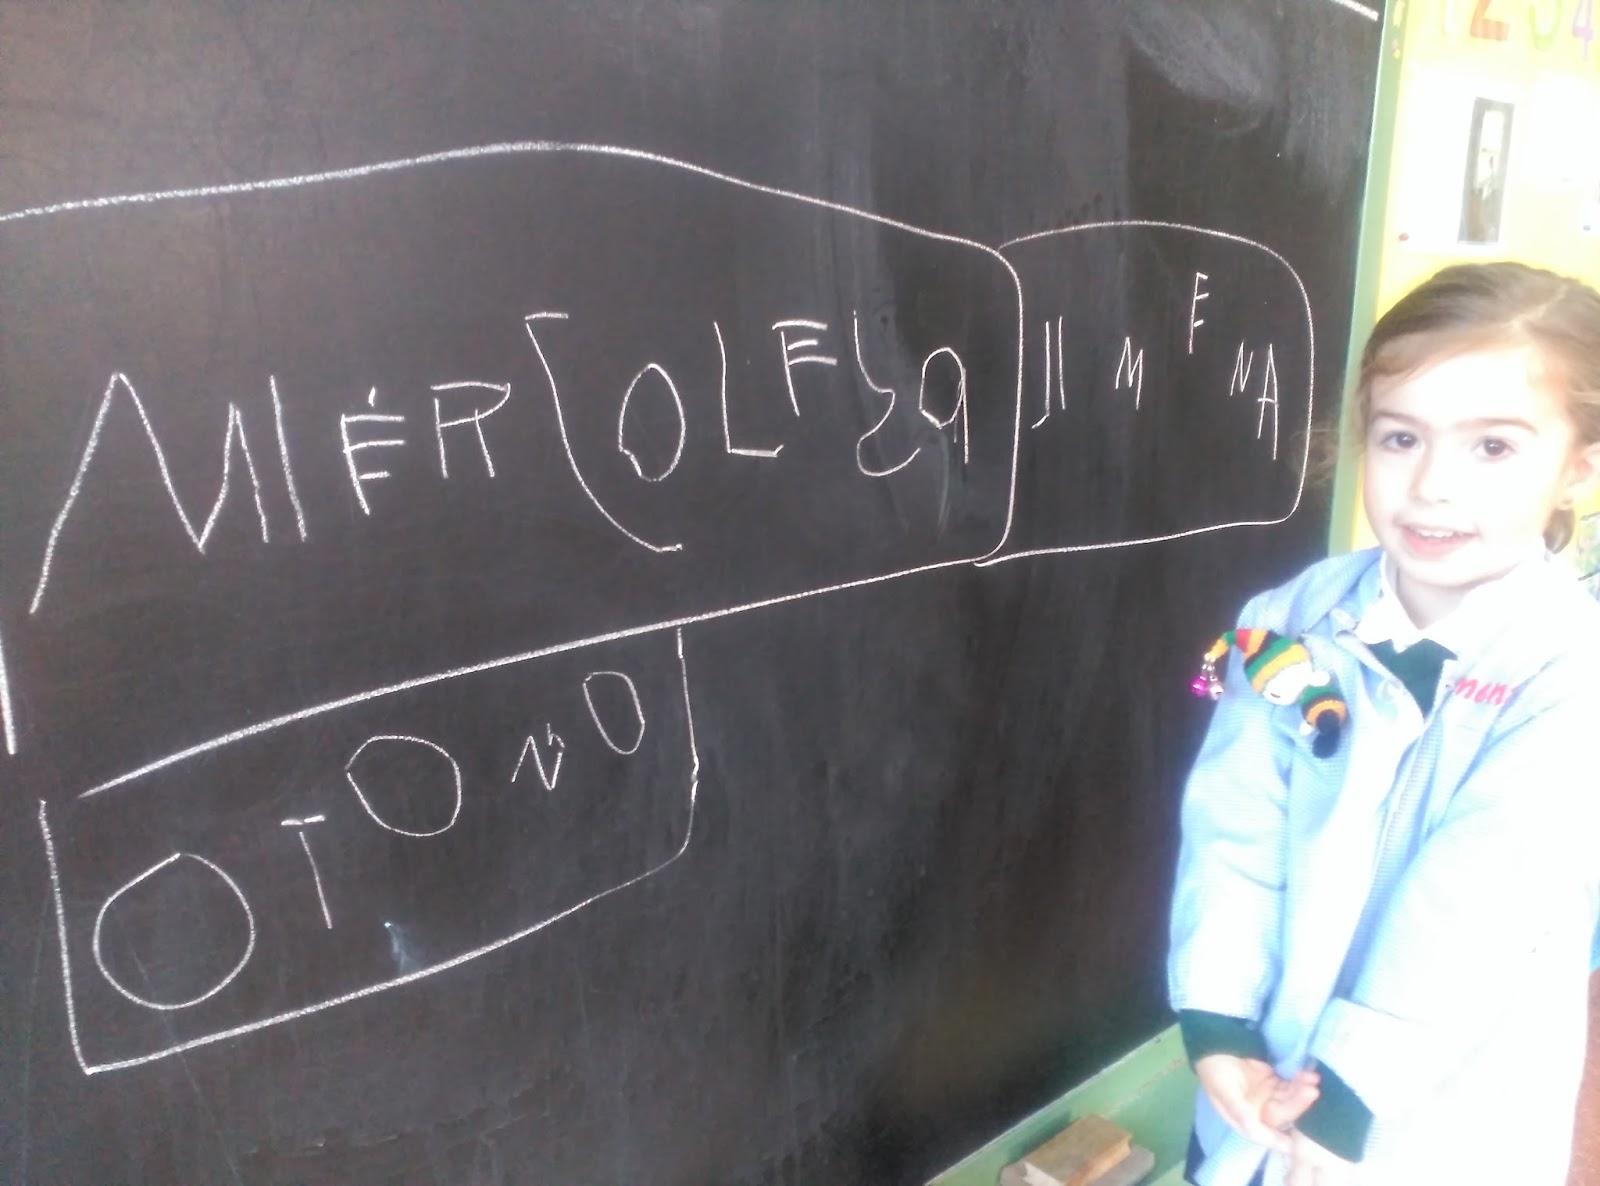 Campones infantil la maquinista de hoy for Esta abierto hoy la maquinista